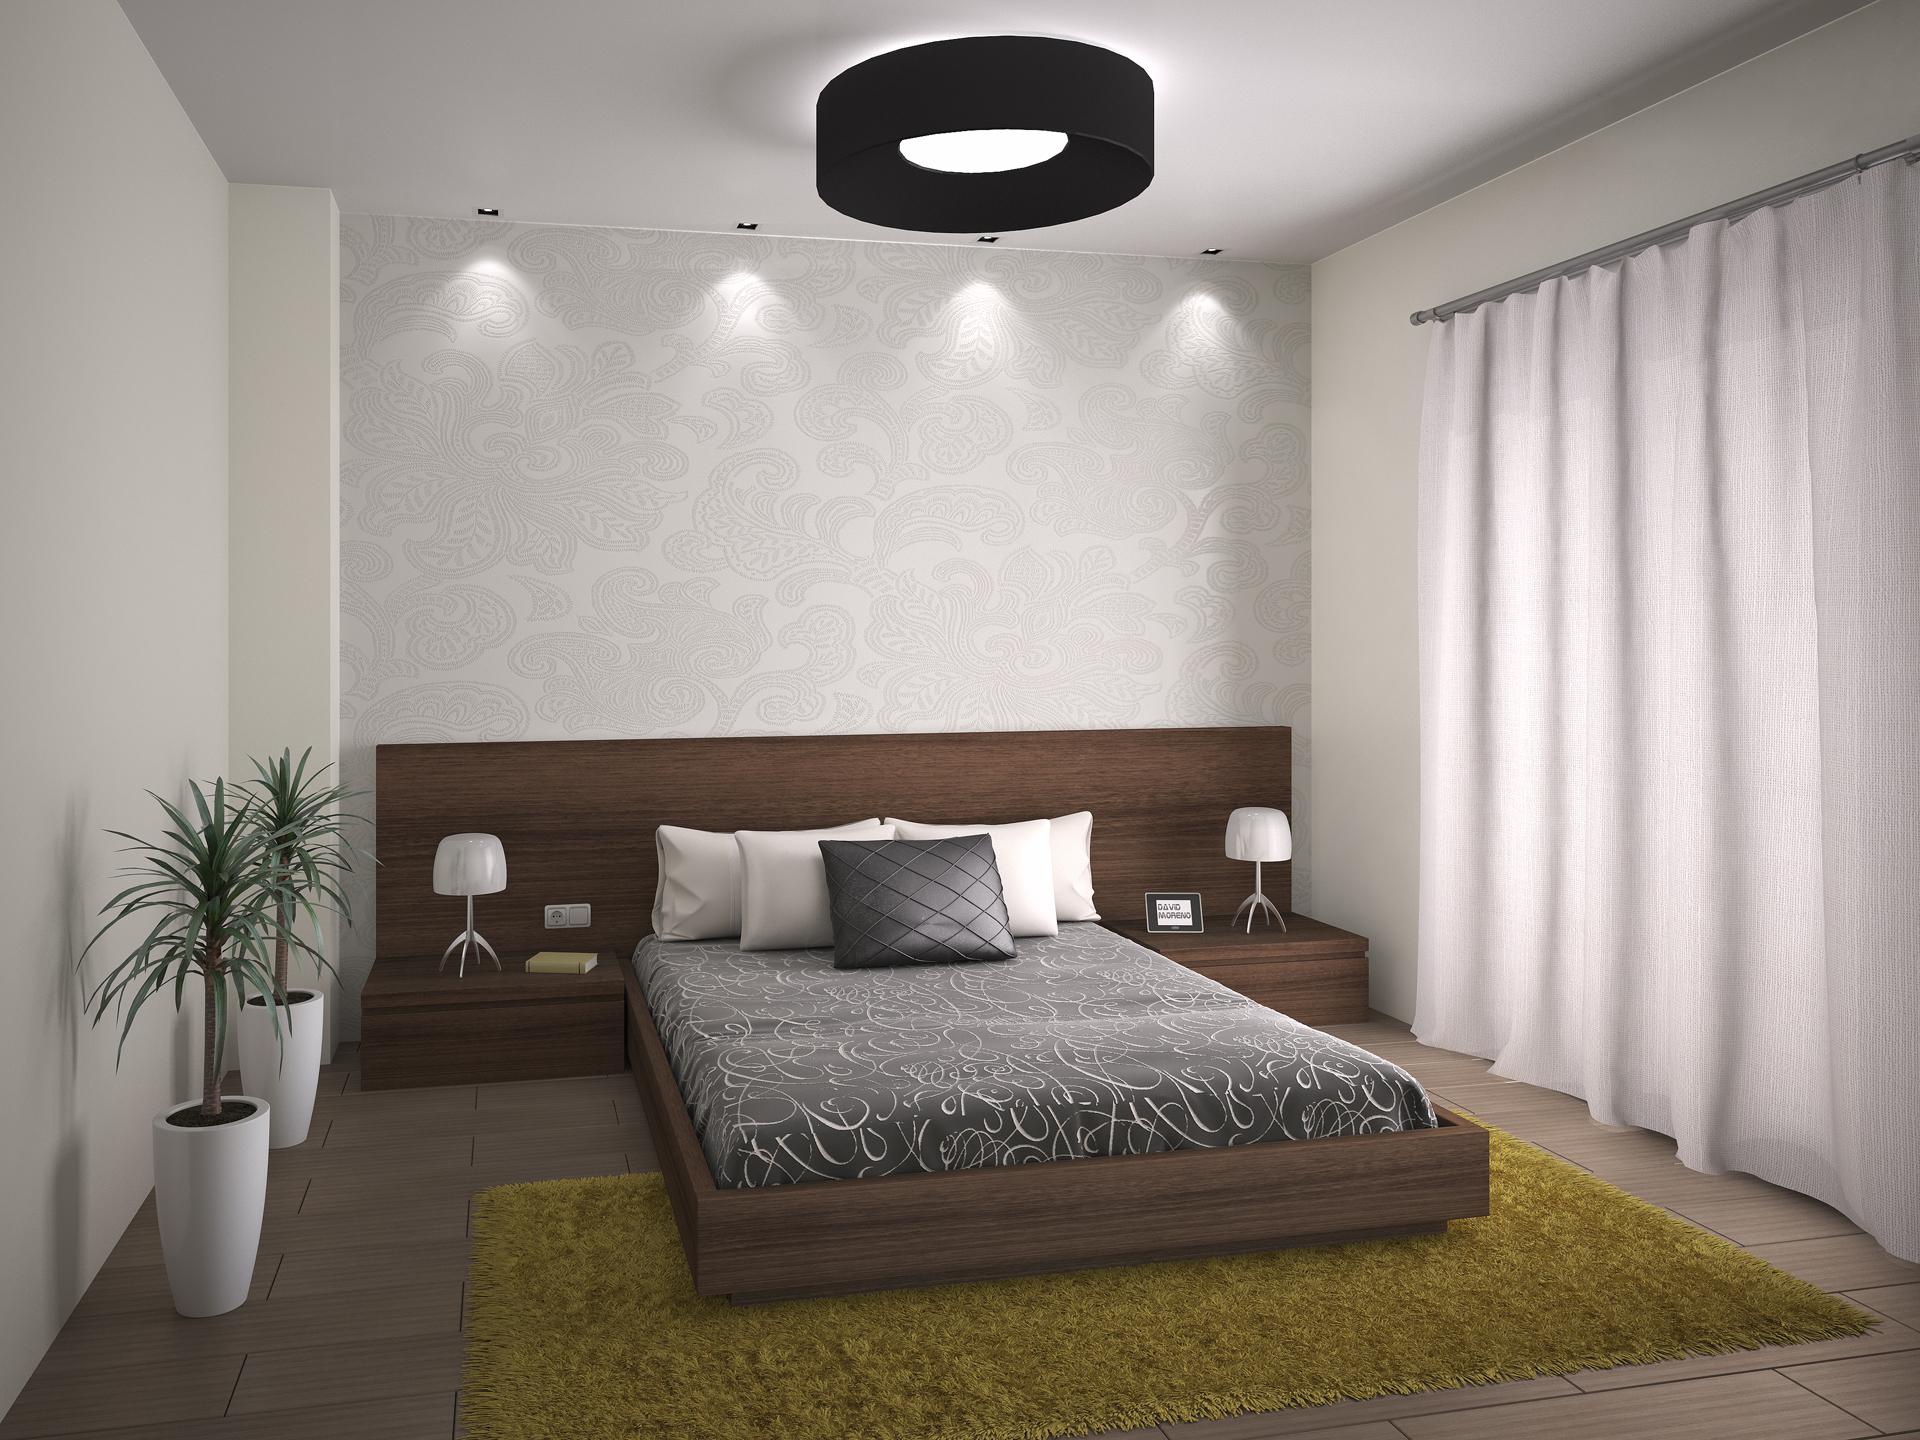 Proyecto de interiorismo en dormitorio habitaci n de for Amueblar habitacion matrimonio